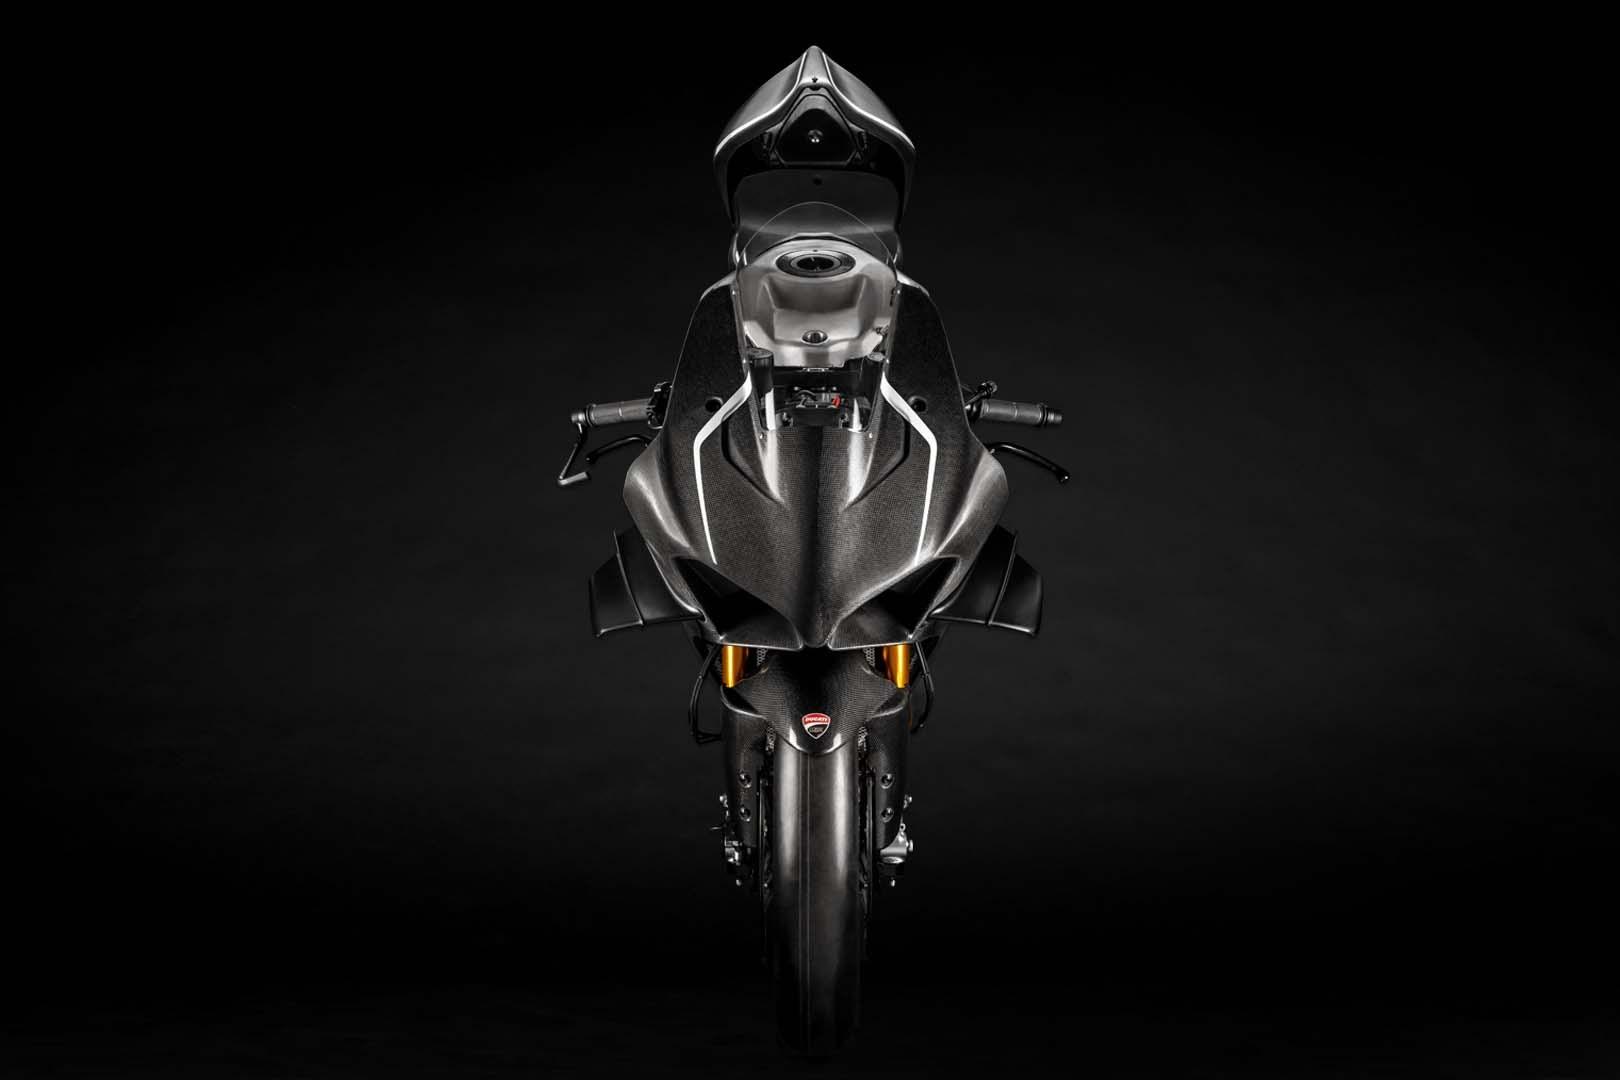 2019 Ducati Panigale V4 Rs19 2 Bikesrepublic